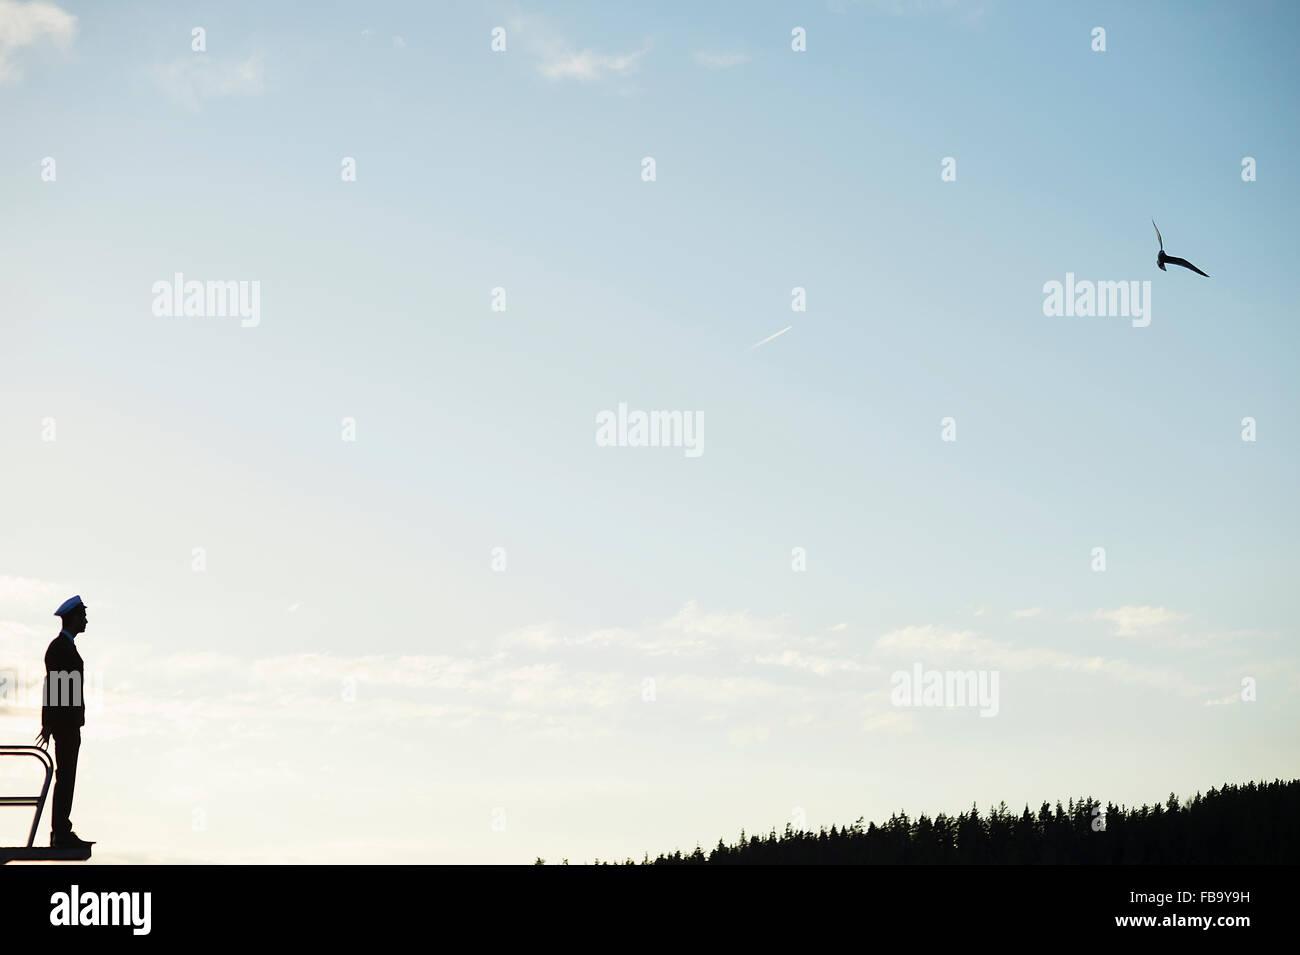 Suecia, Vastmanland, silueta de joven vistiendo mortarboard contra sky permanente Imagen De Stock